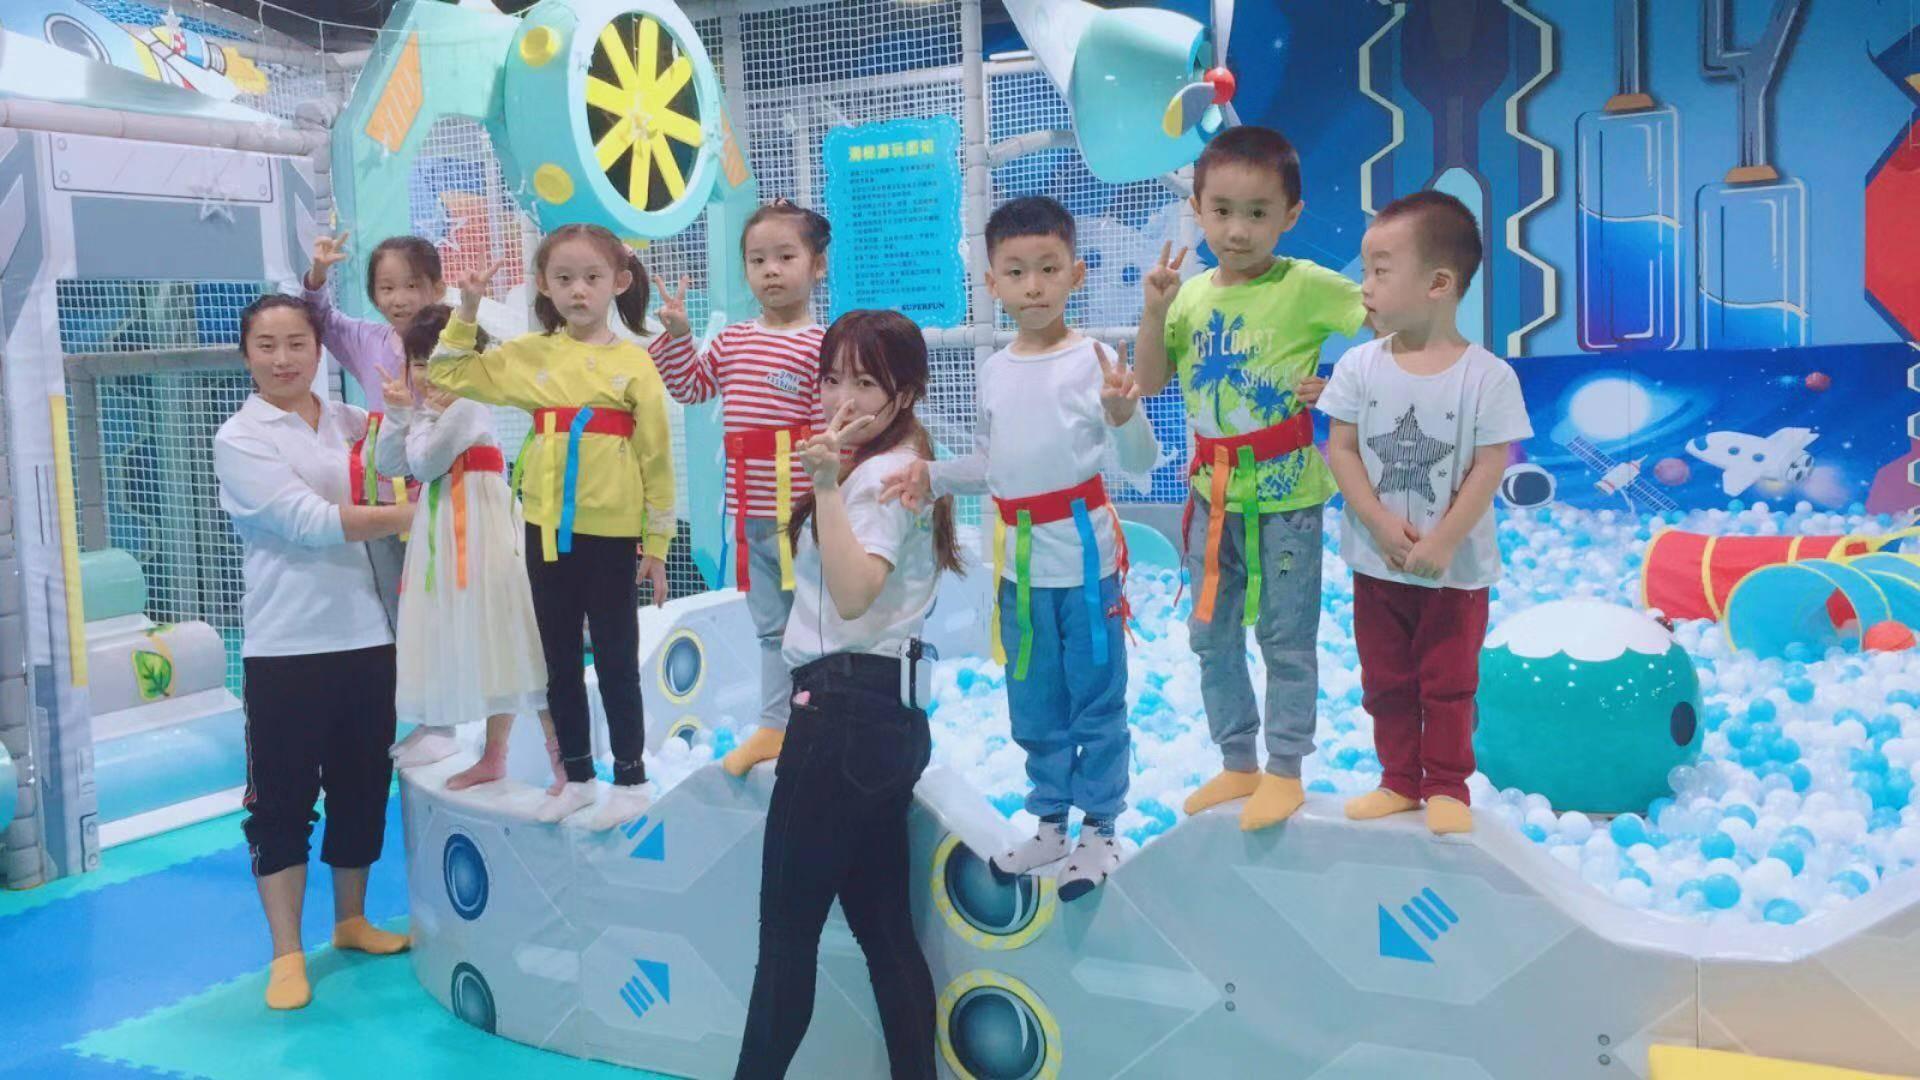 【深圳福田】已开园,每日消毒,地铁直达,39.9元抢超好玩儿童乐园亲子不限时畅玩套票,畅玩到6月。